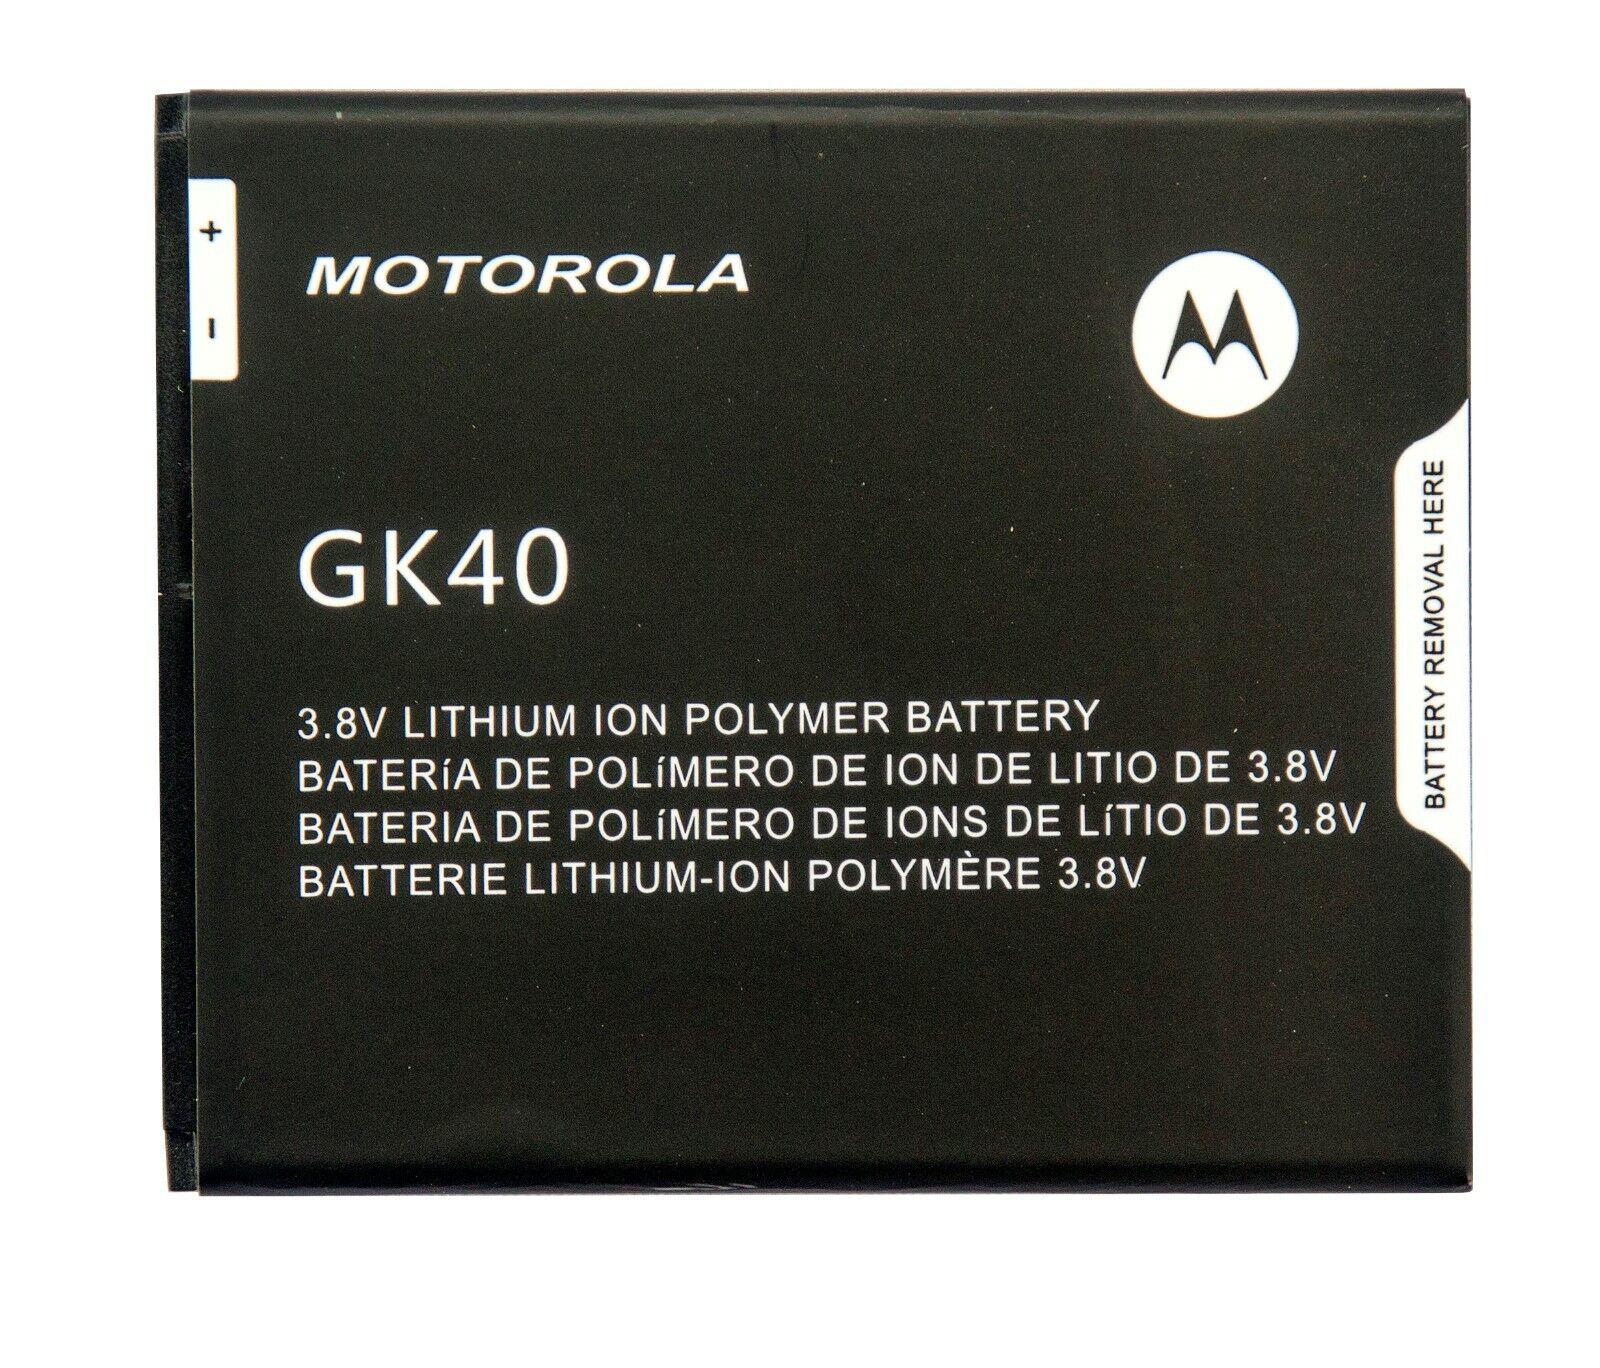 New OEM Original Genuine Motorola GK40 Battery for MOTO G4 PLAY XT1607 XT1609 -  [+Peso($75.00 c/100gr)] (EBI)